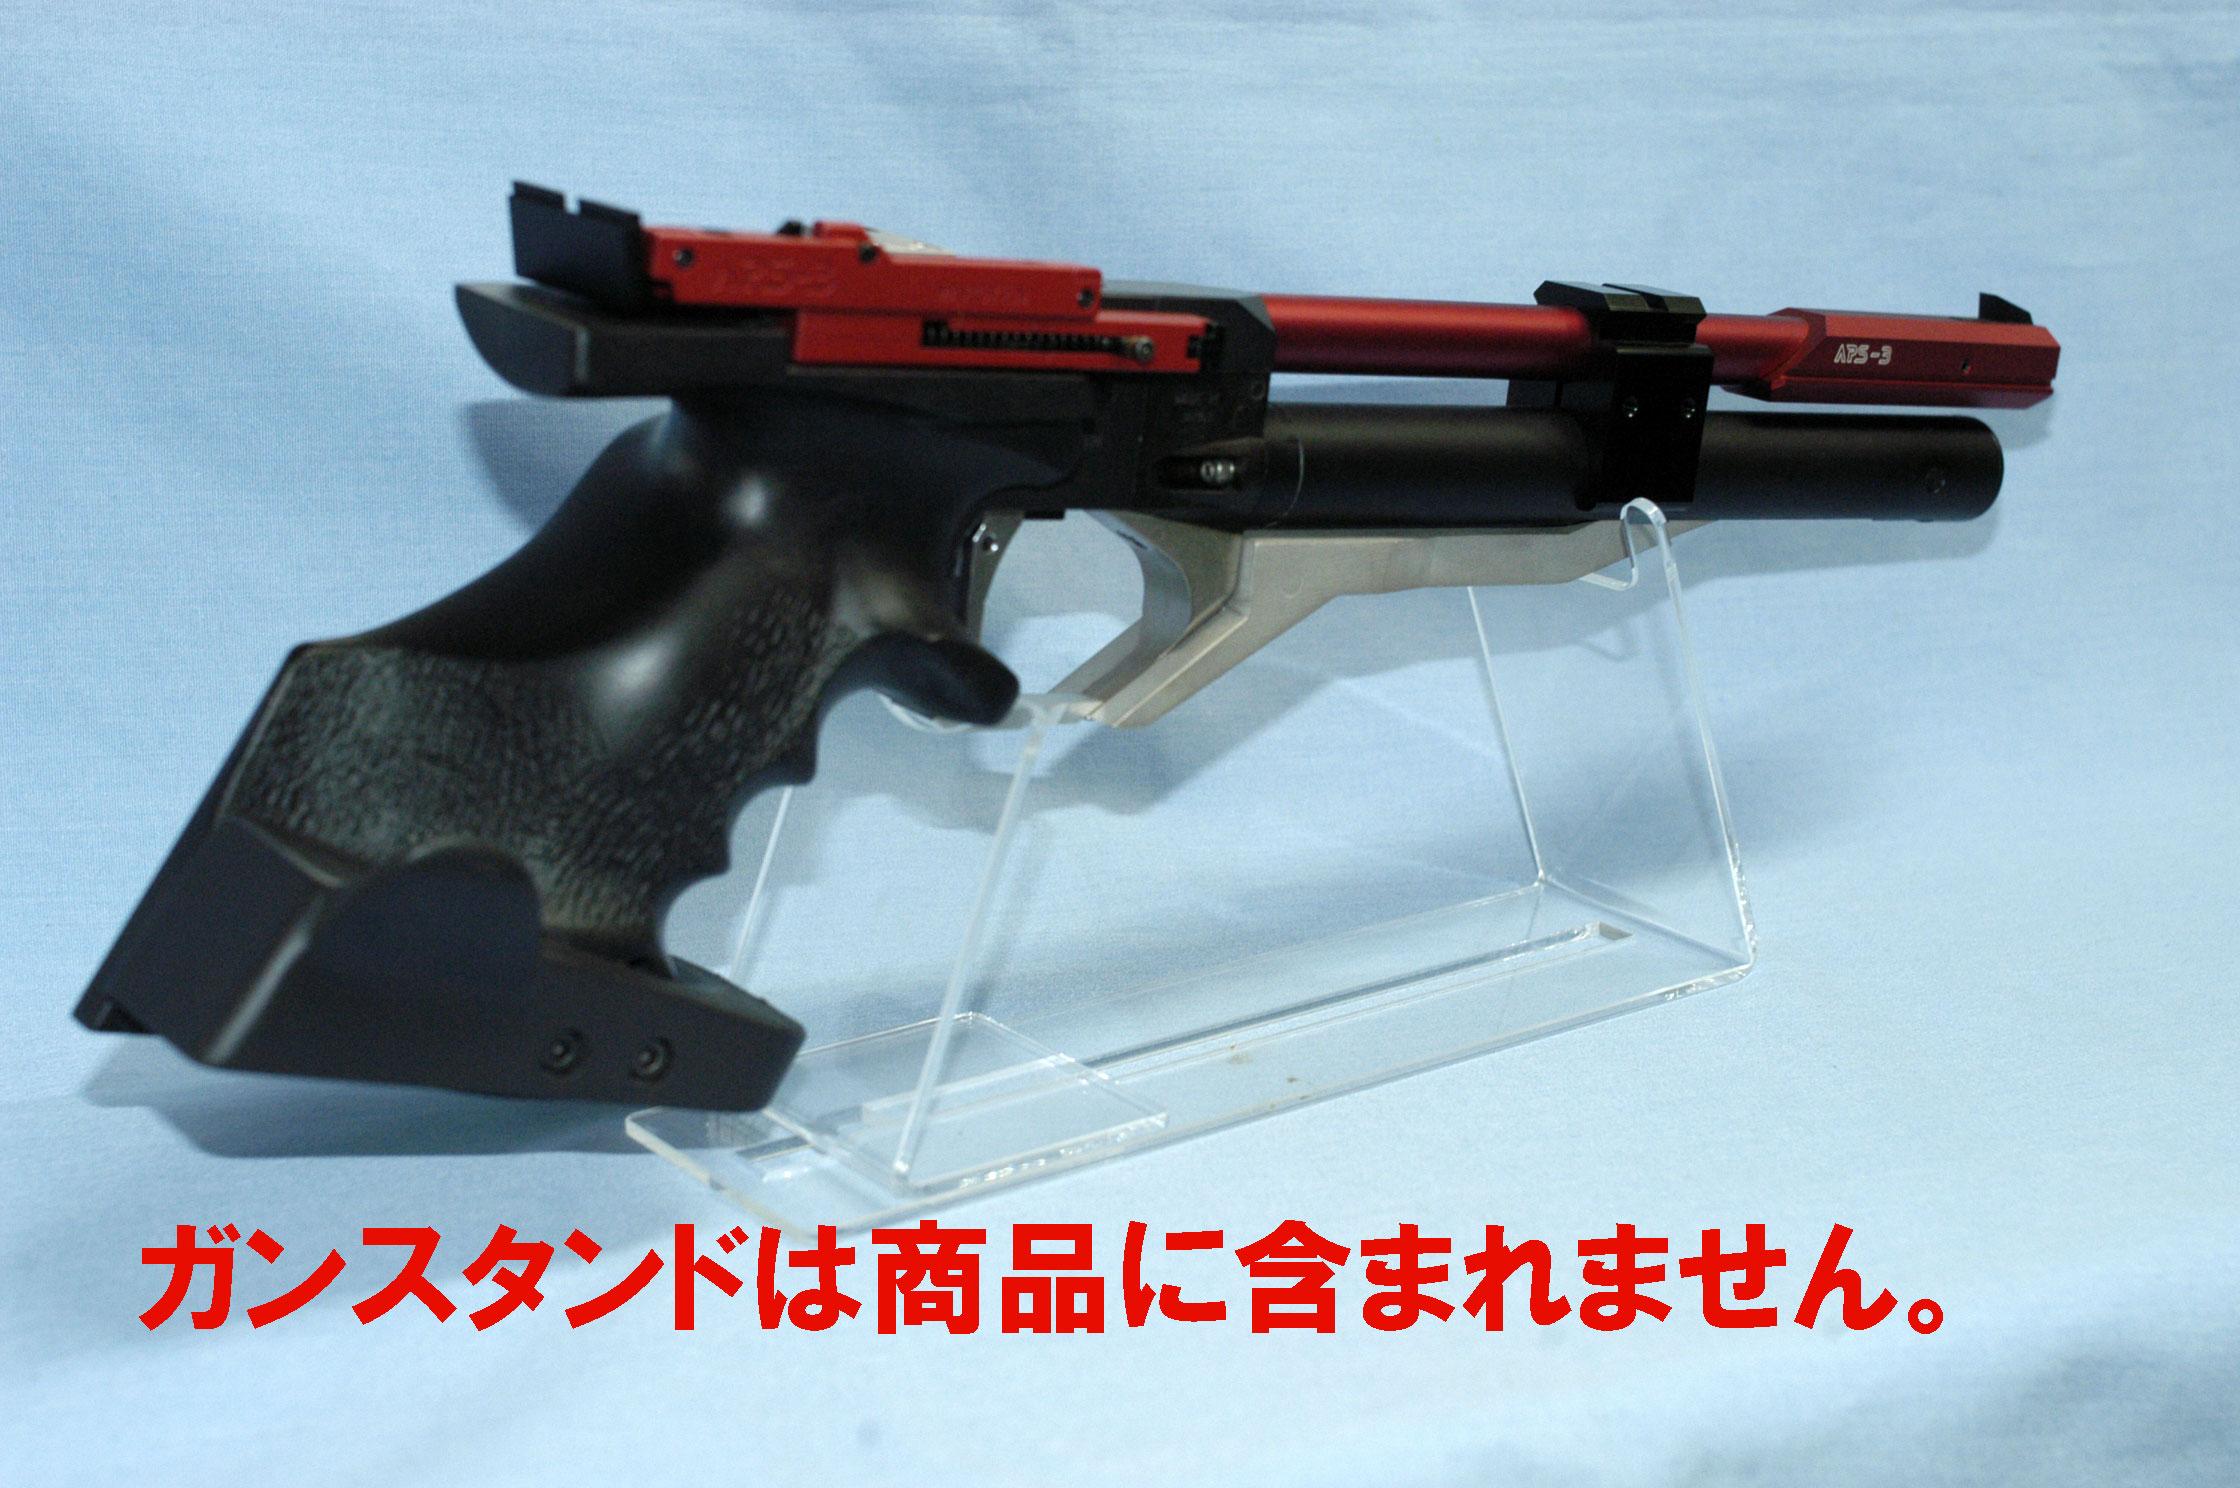 5-022 APS-3レッドフロントサイトベースカスタム